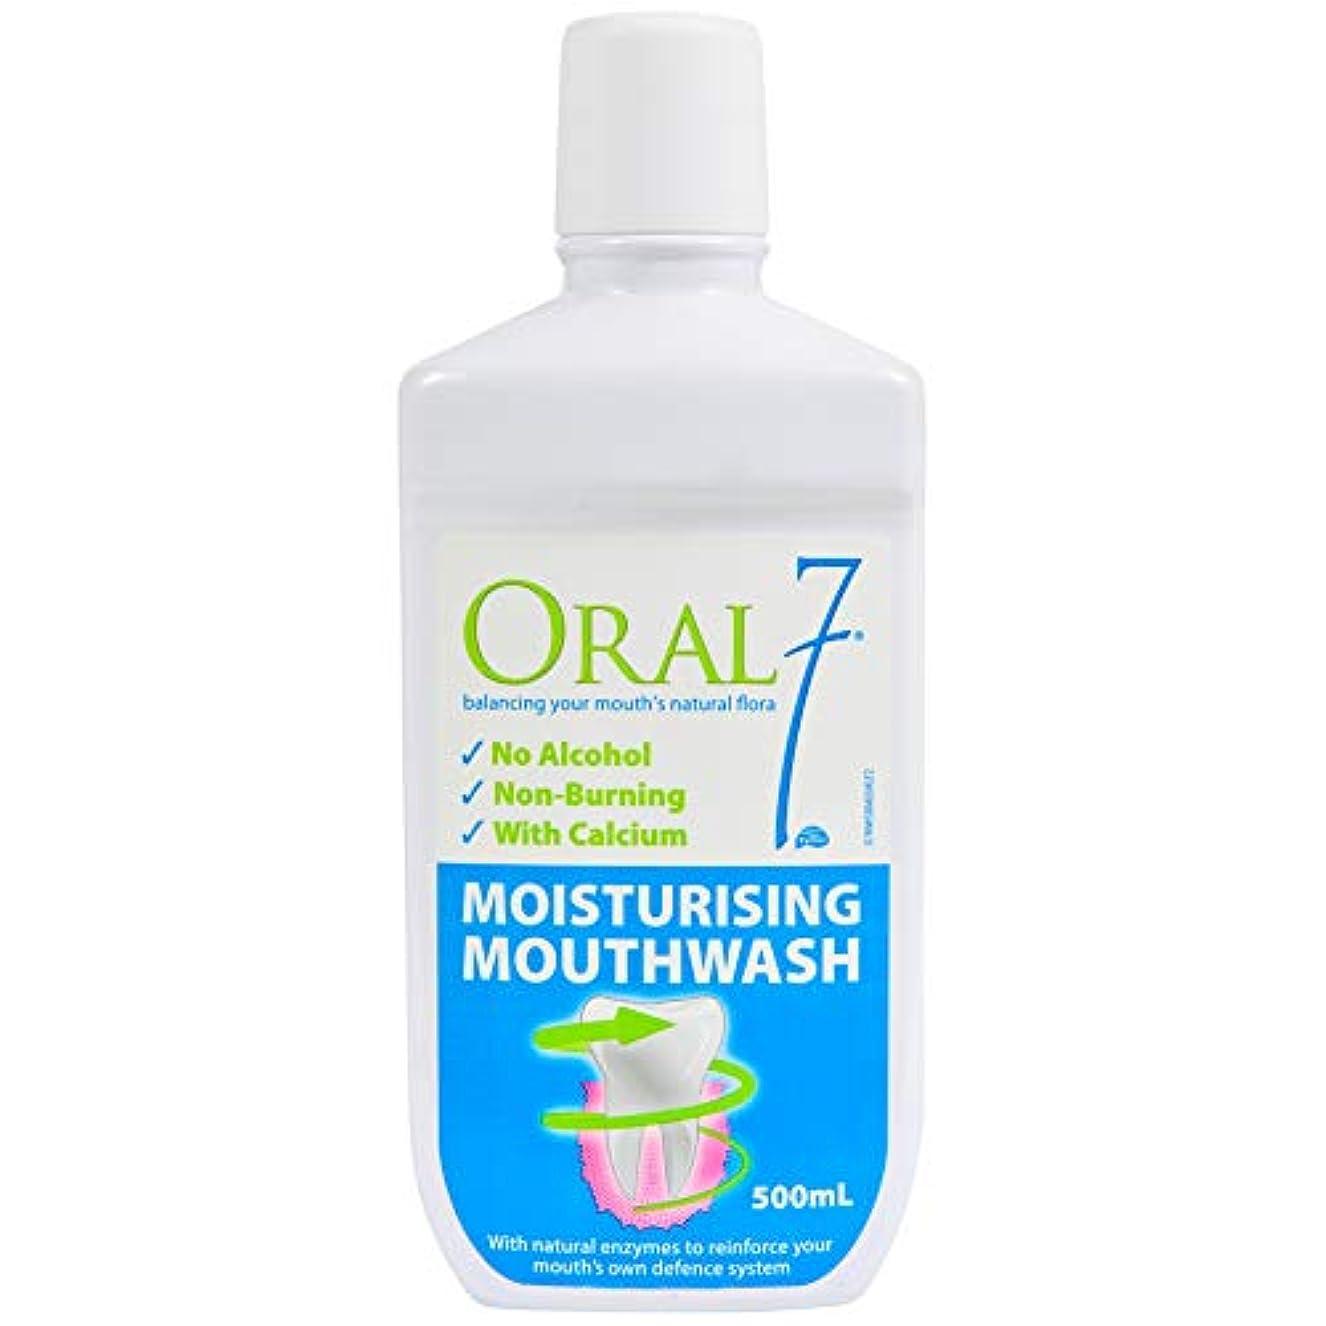 候補者講師コントローラオーラル7 モイスチャライジングマウスウォッシュ 500ml 4種の天然酵素配合!口腔内保湿マウスウォッシュ お口の乾燥対策に